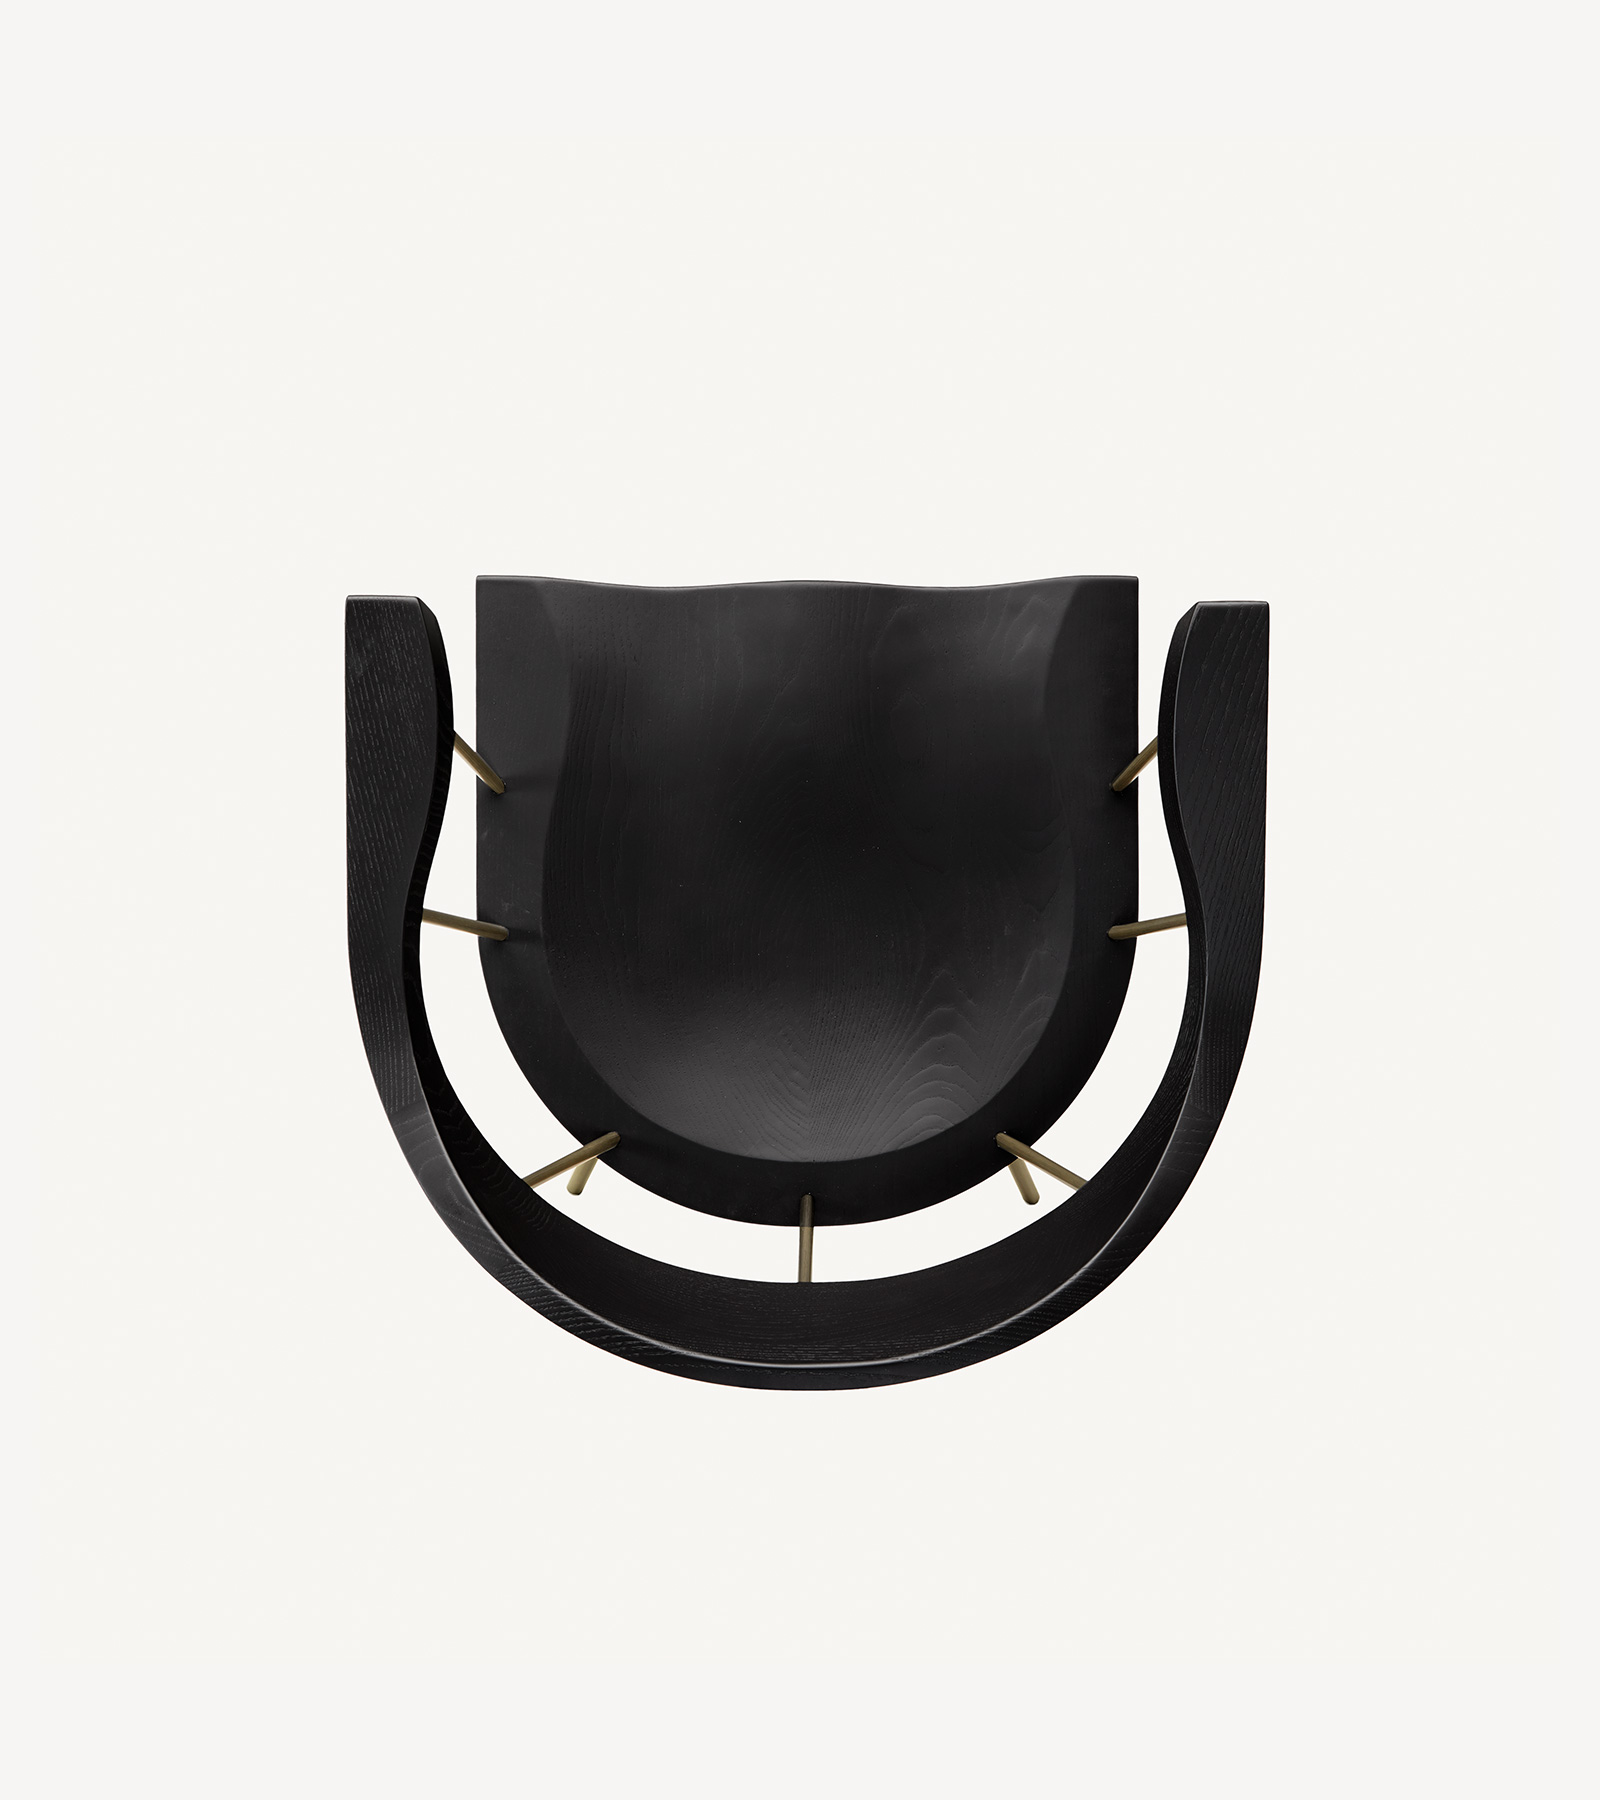 TinnappleMetz-bassamfellows-Spindle-Side-Chair-09